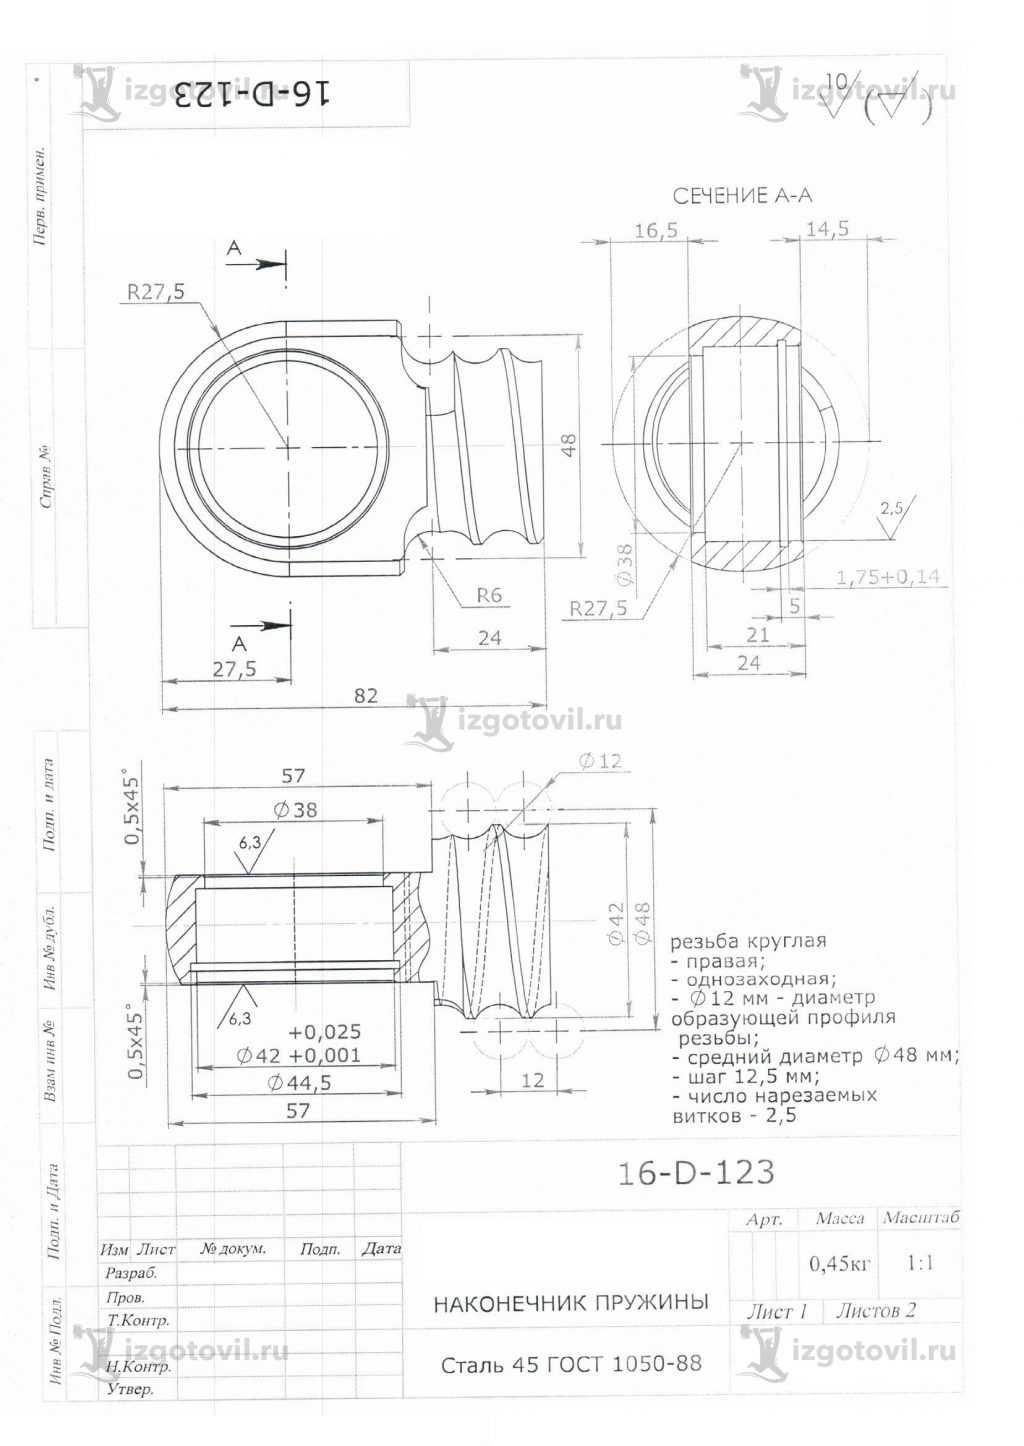 Токарно-фрезерная обработка: изготовление наконечников и кулачка